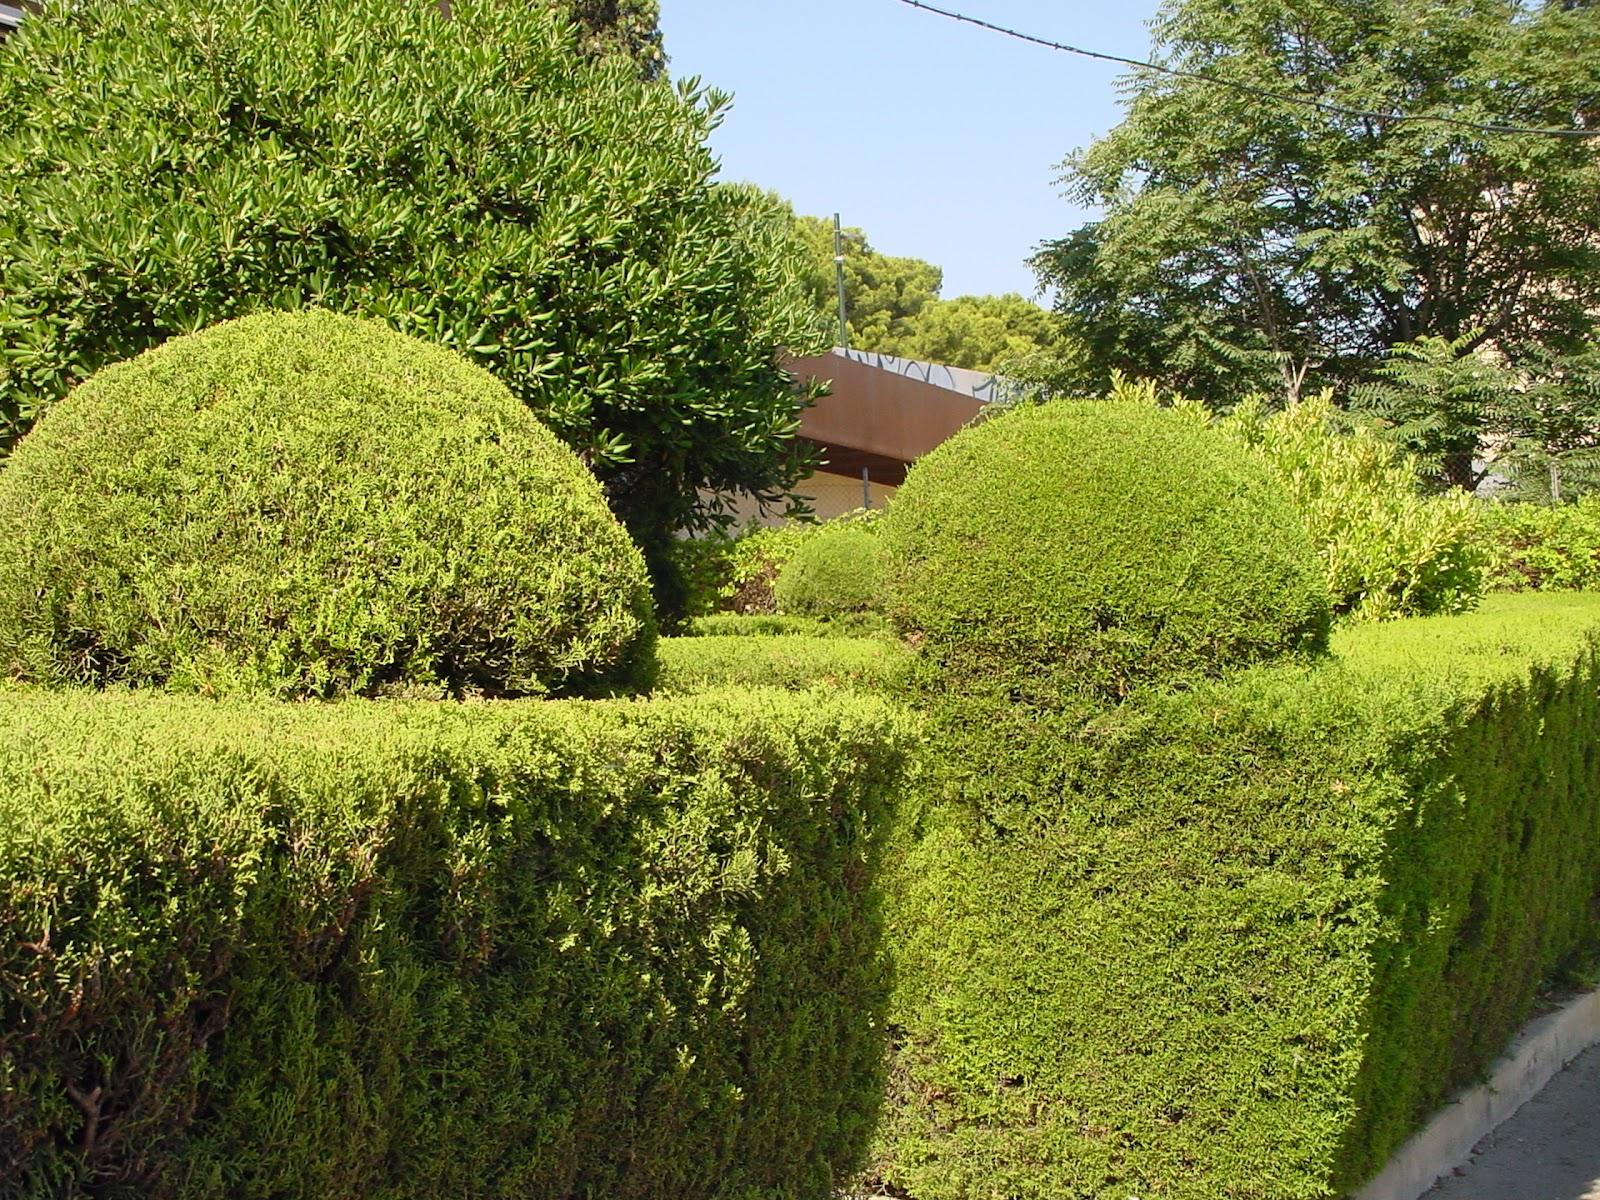 Jardineria eladio nonay jardiner a eladio nonay setos - Jardineria eladio nonay ...